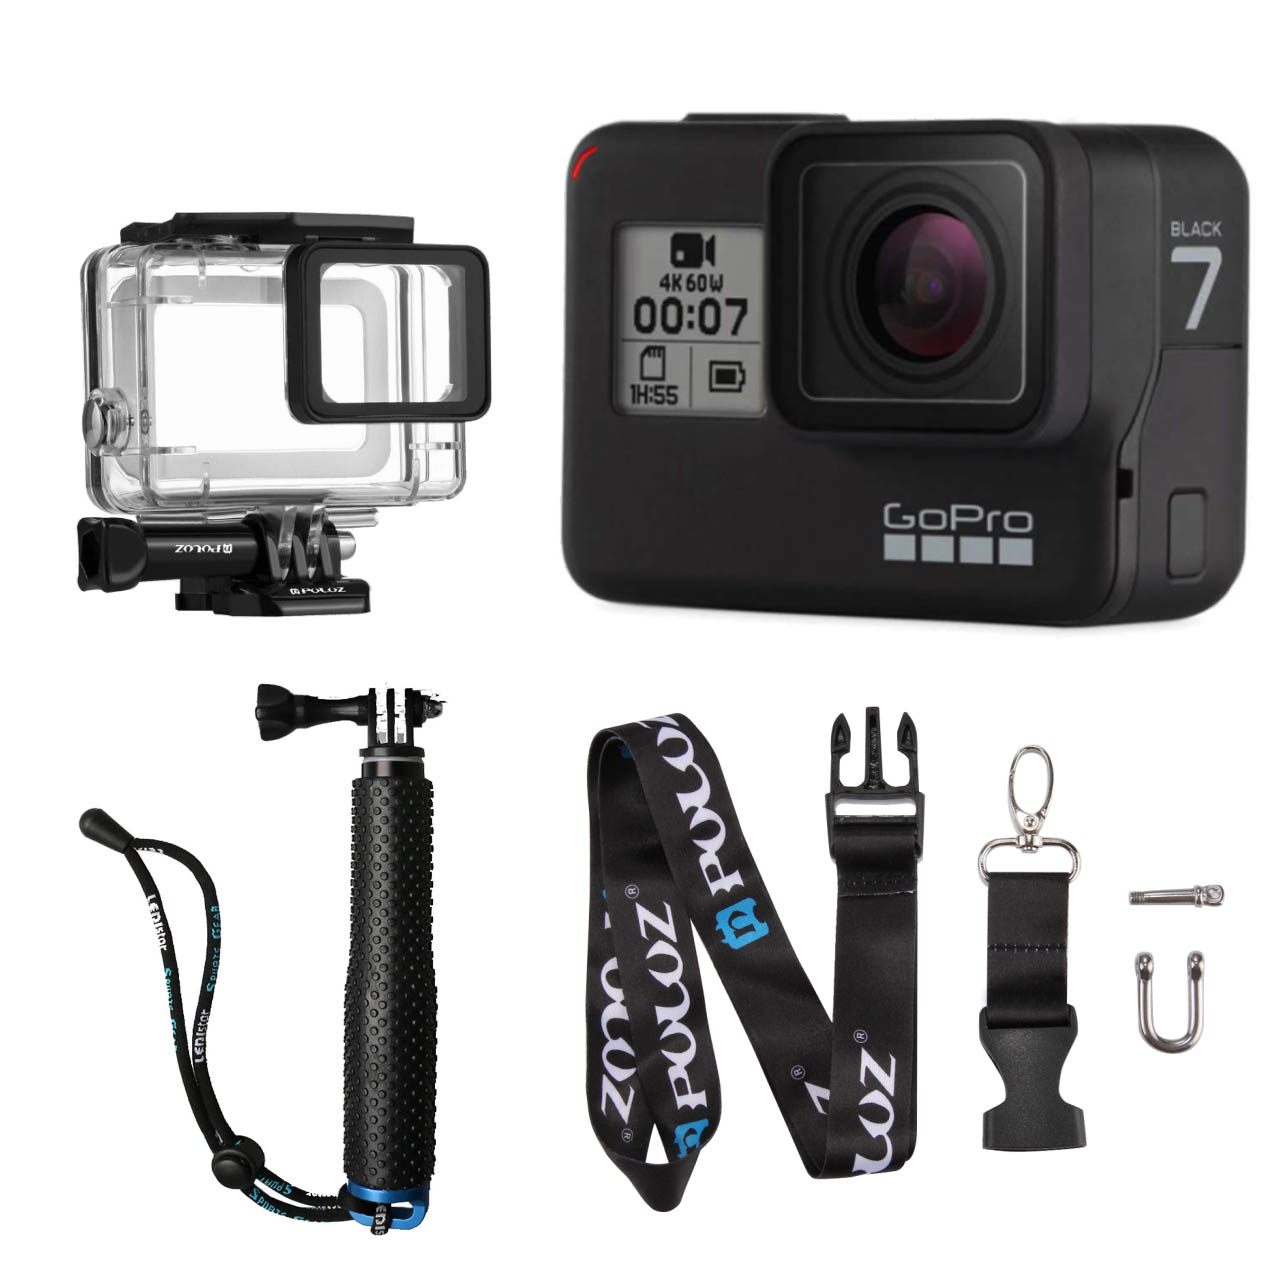 دوربین فیلم برداری ورزشی گوپرو مدل HERO7 Black Quick Stories به همراه لوازم جانی پلوز